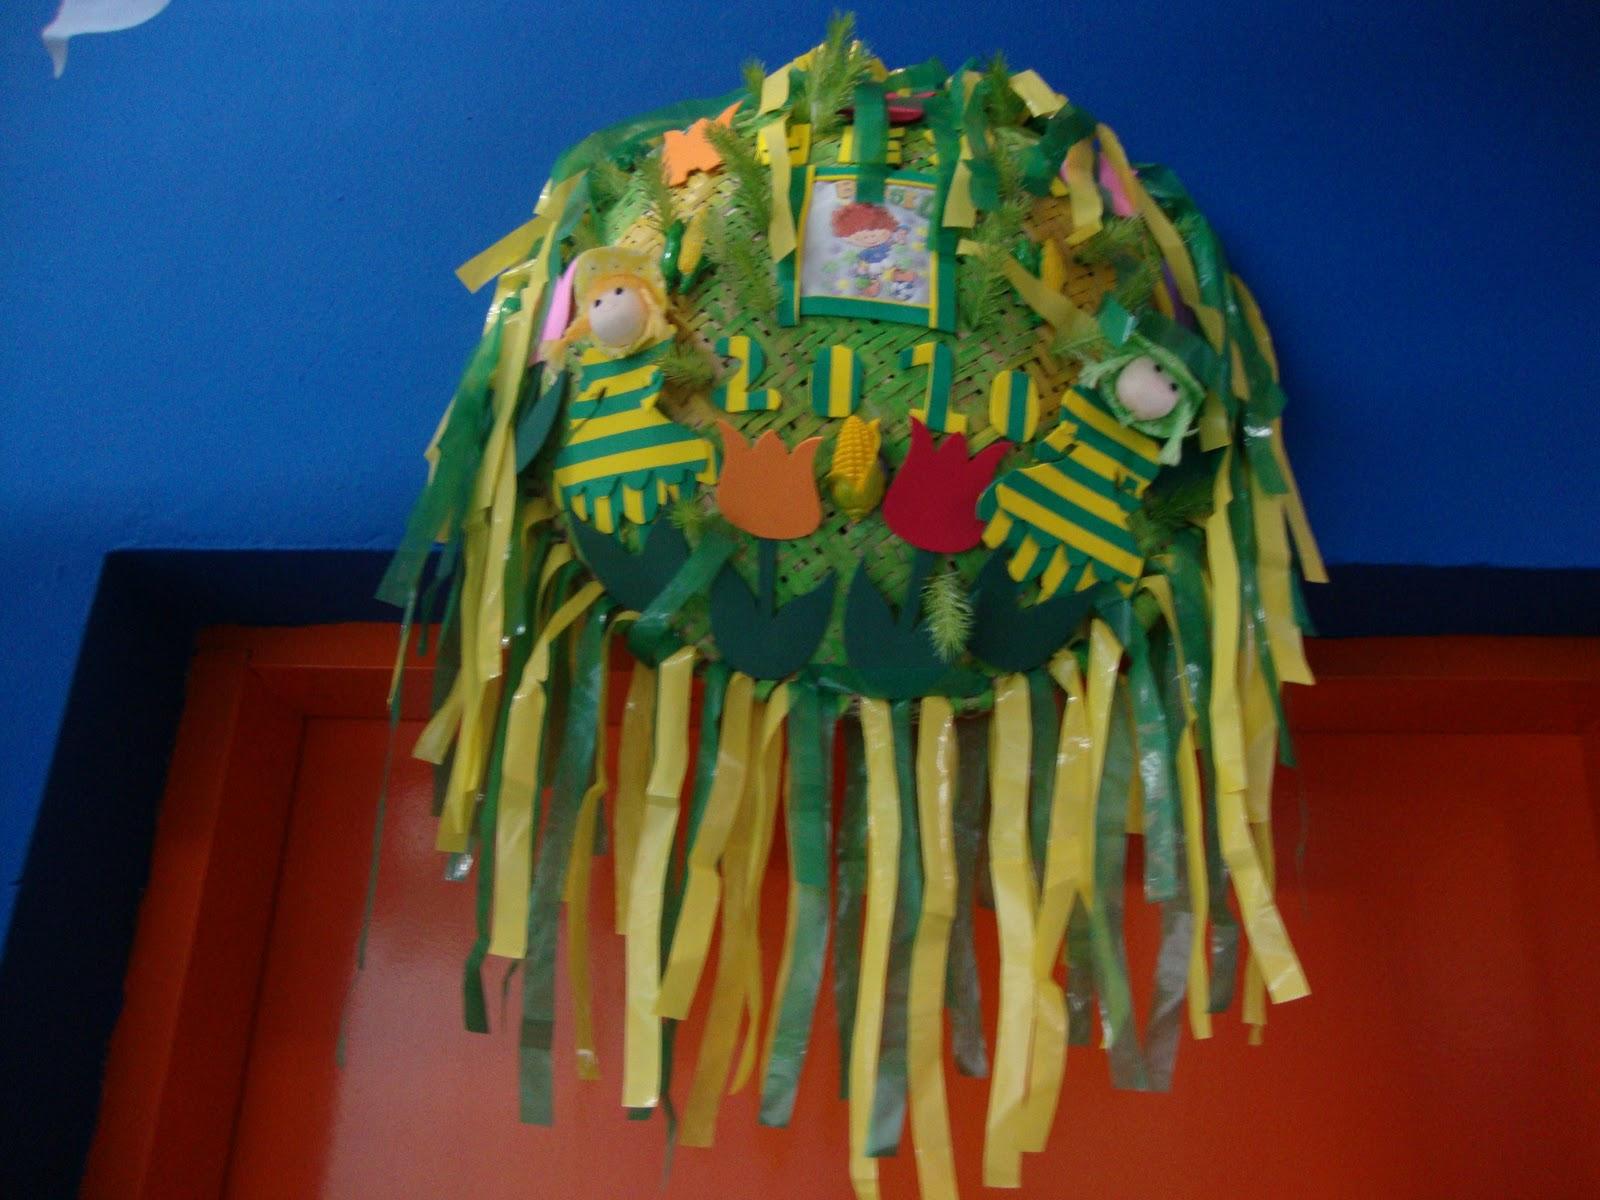 decoracao festa caipira:Educar Sempre: Decoração Festa Caipira